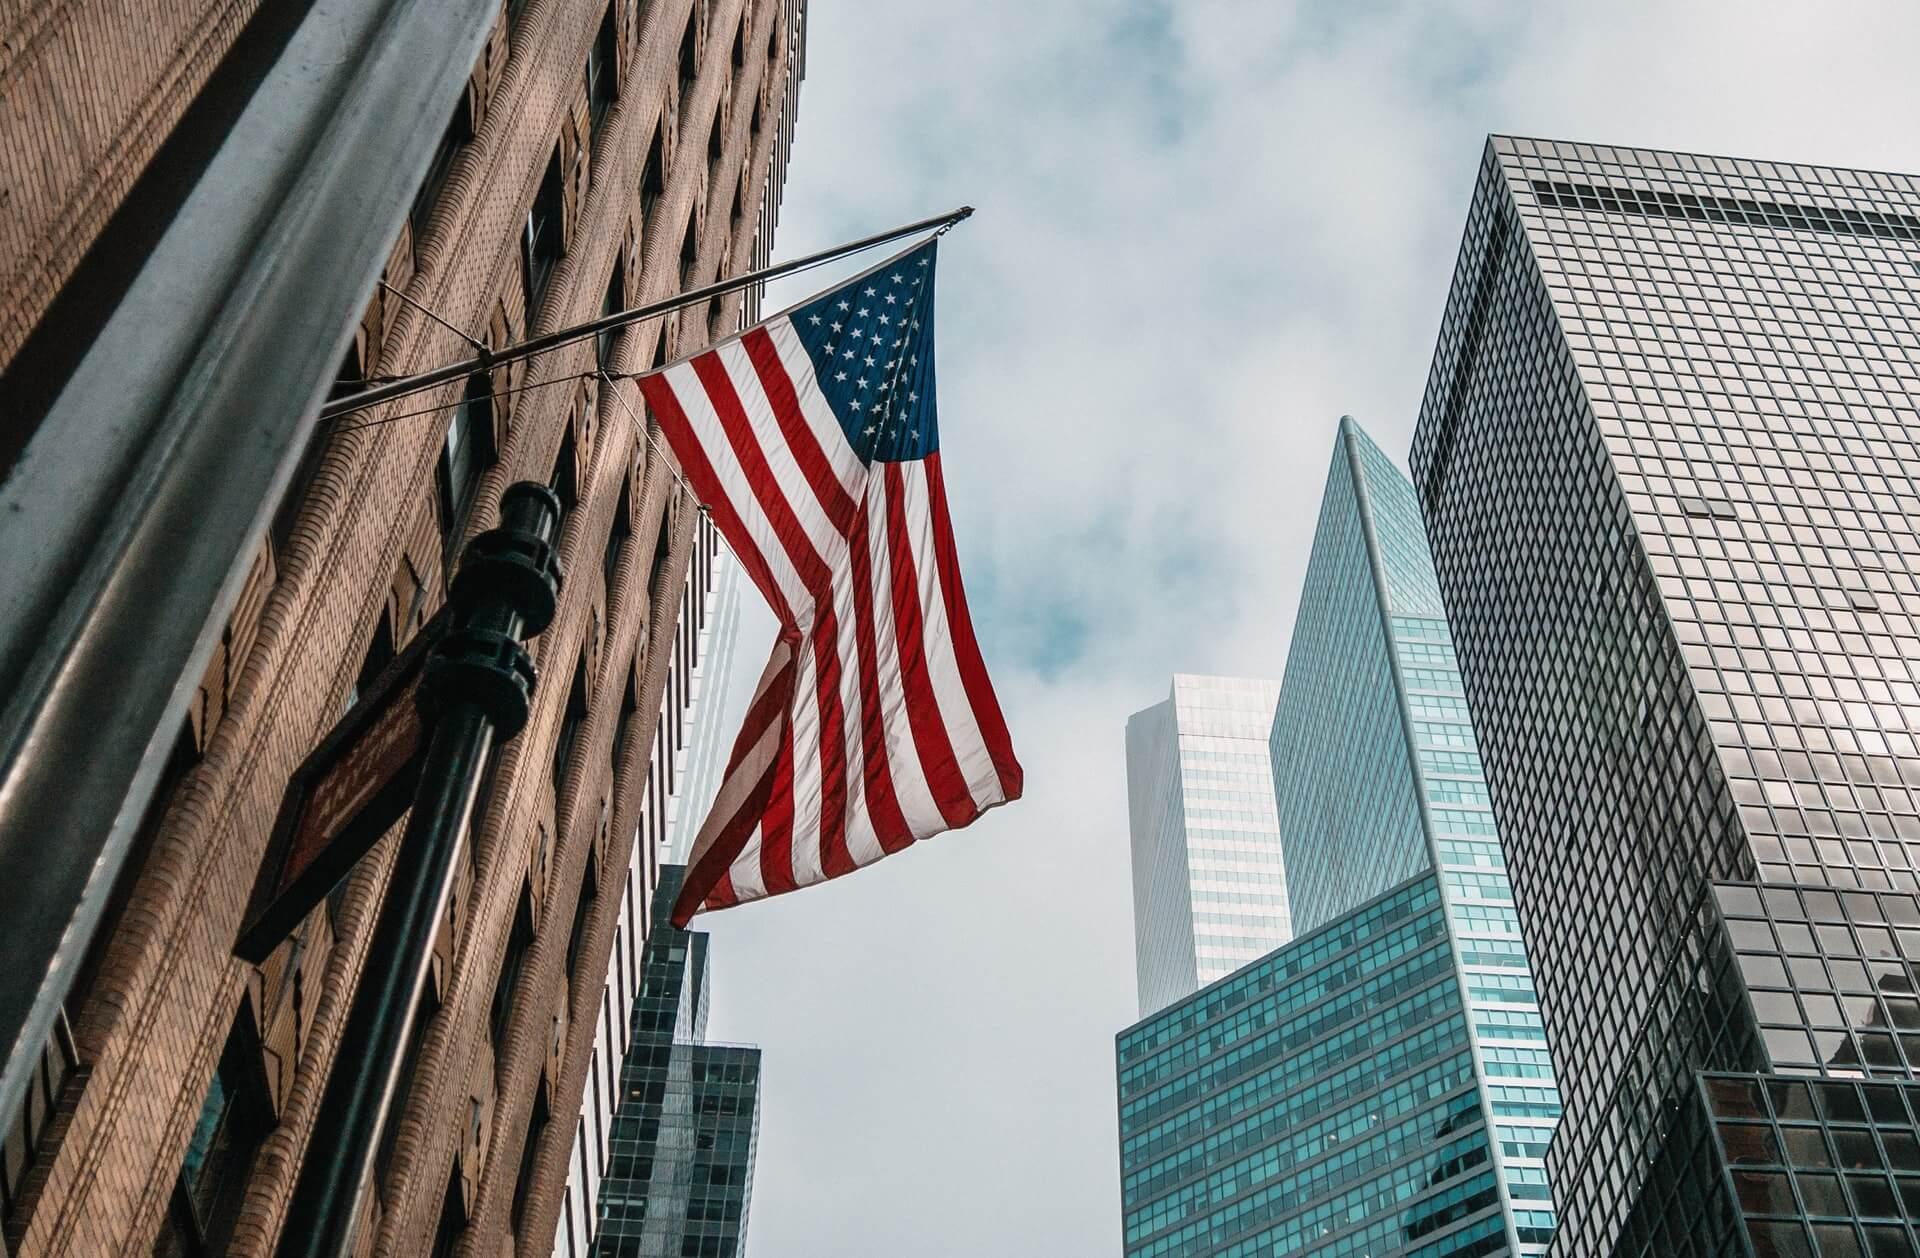 今週は米国株にも日本株にも重要イベントが目白押し【3/15 今週のマーケット見通し】